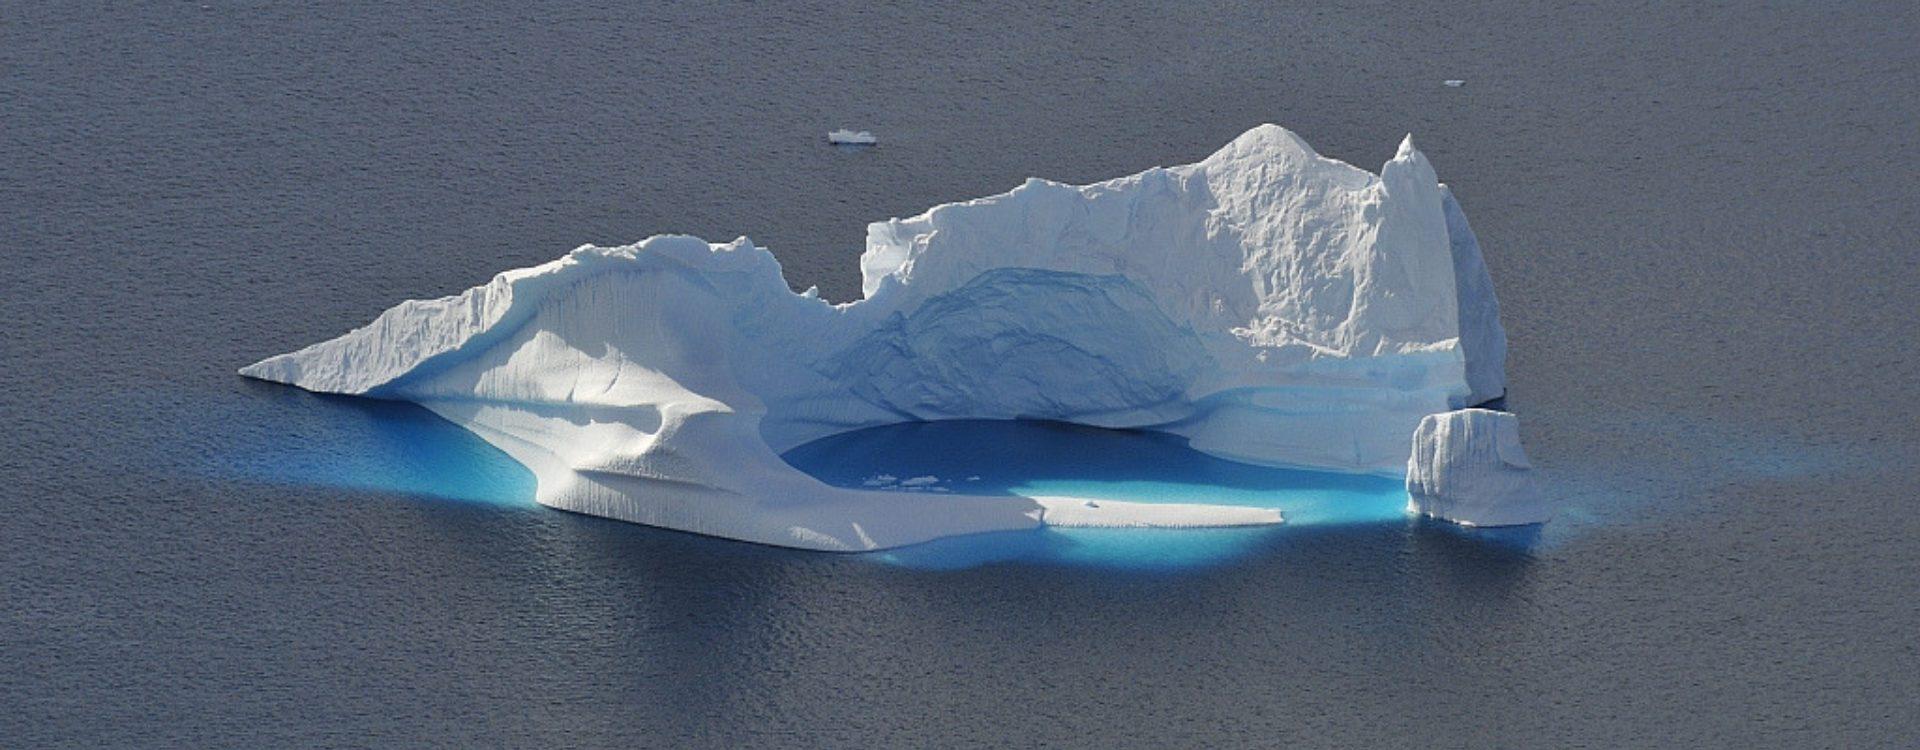 Antarctique - Péninsule Antarctique - Ski voile - Les matins du monde